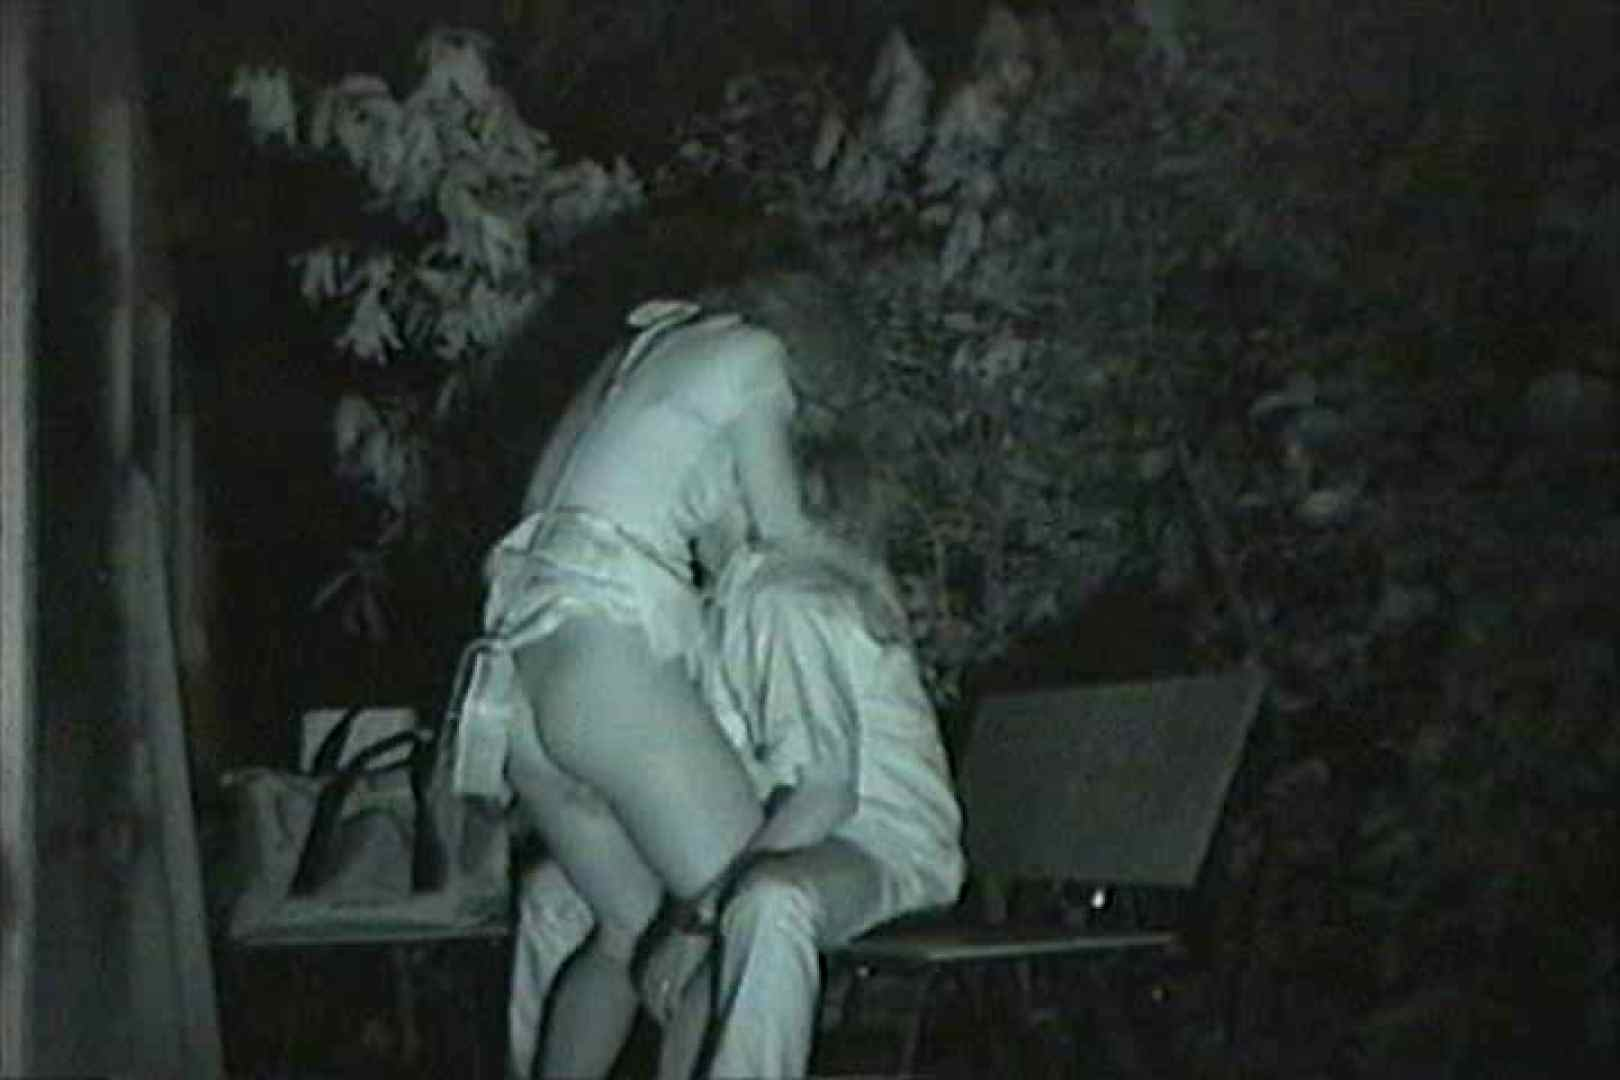 闇の仕掛け人 無修正版 Vol.24 美しいOLの裸体 | セックス  101pic 61